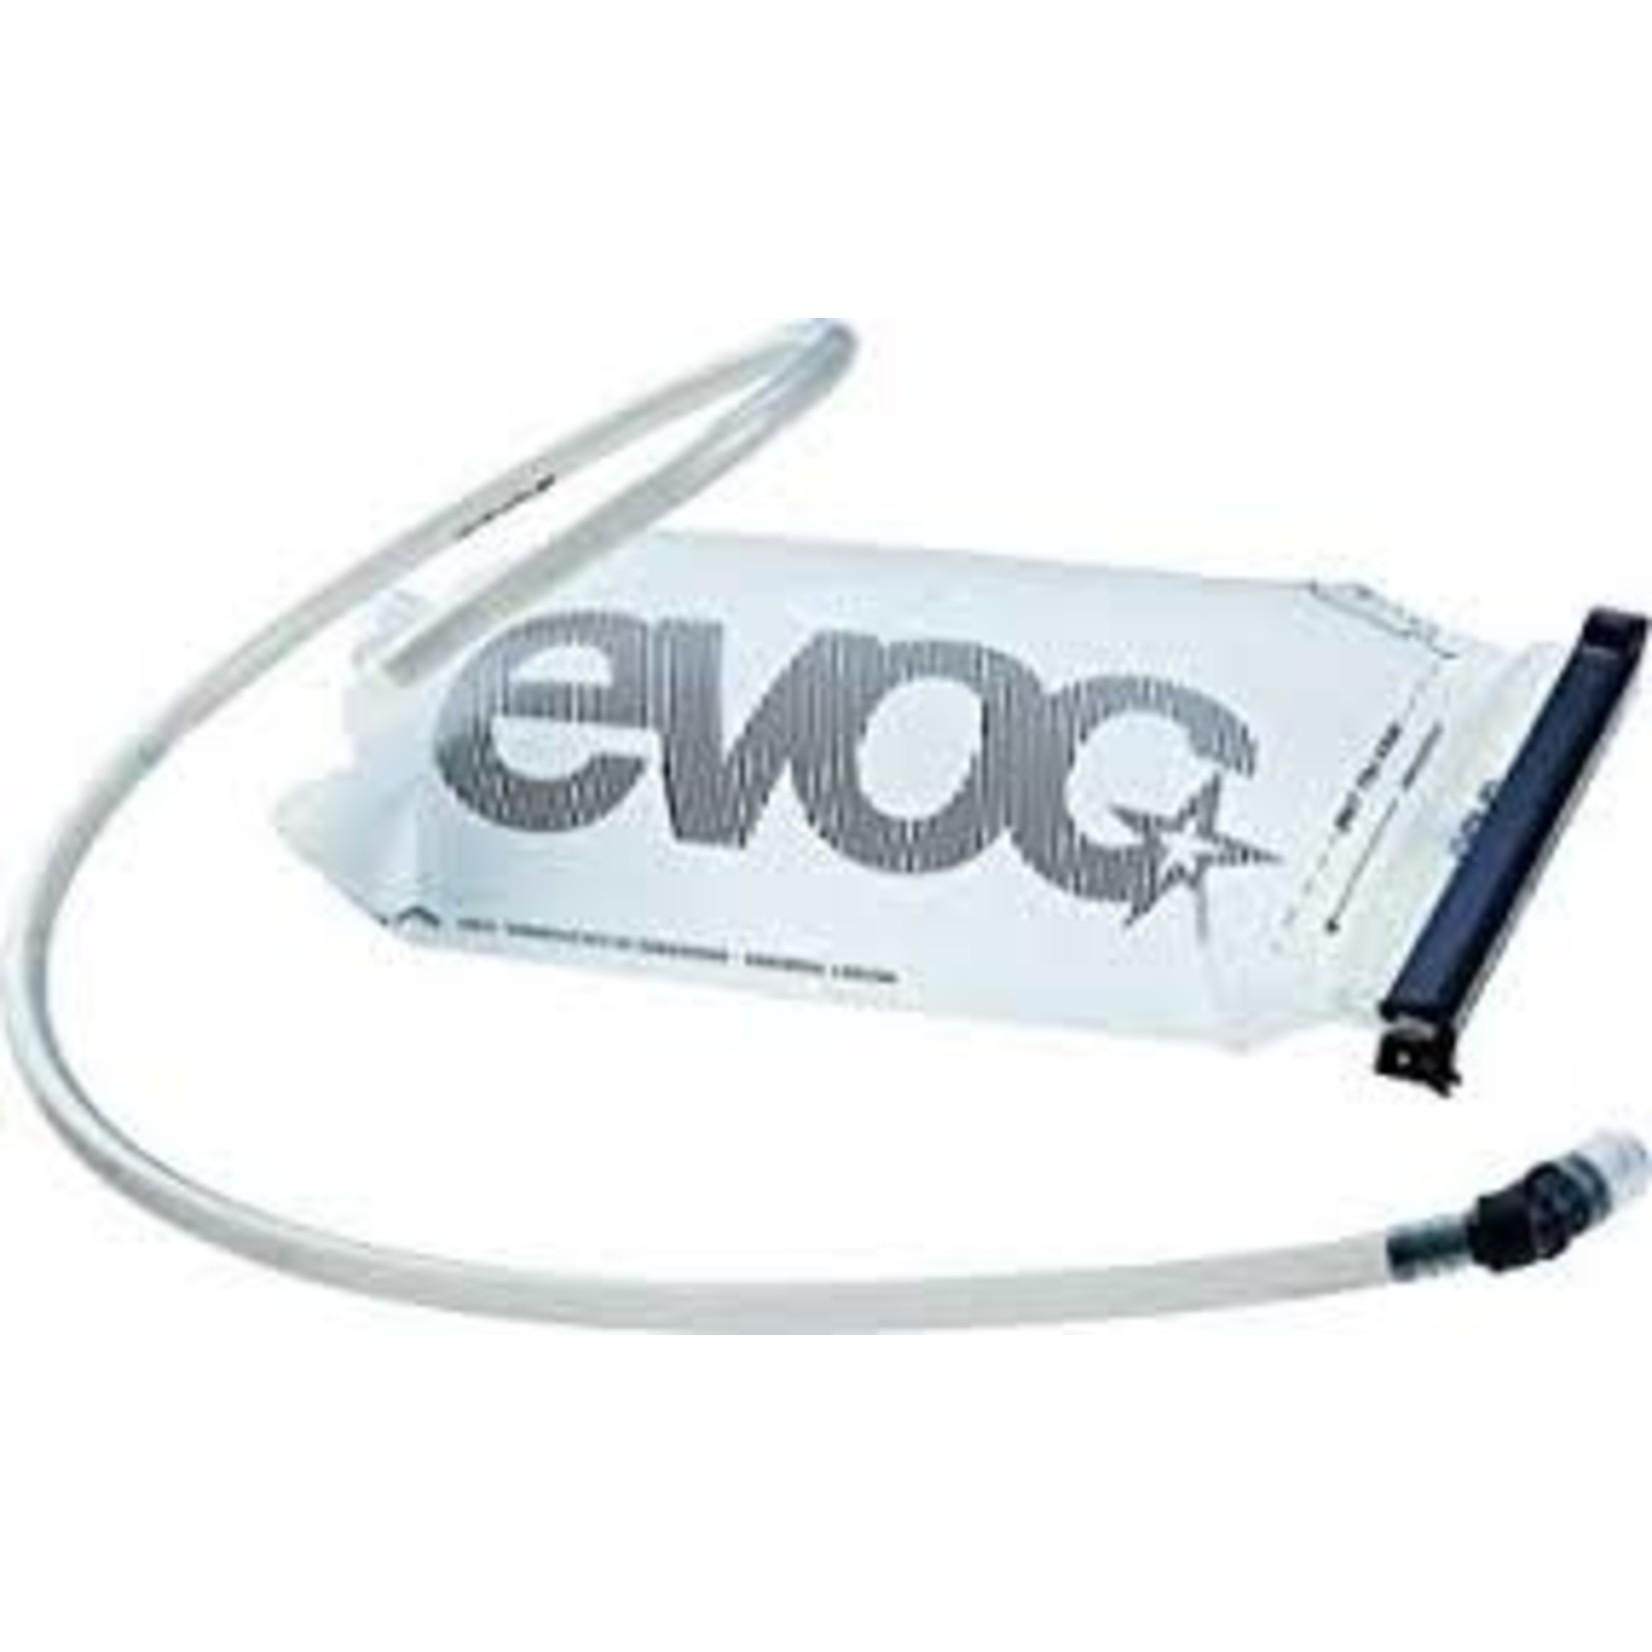 EVOC Evoc - Sacca Hidration Bladder 2L